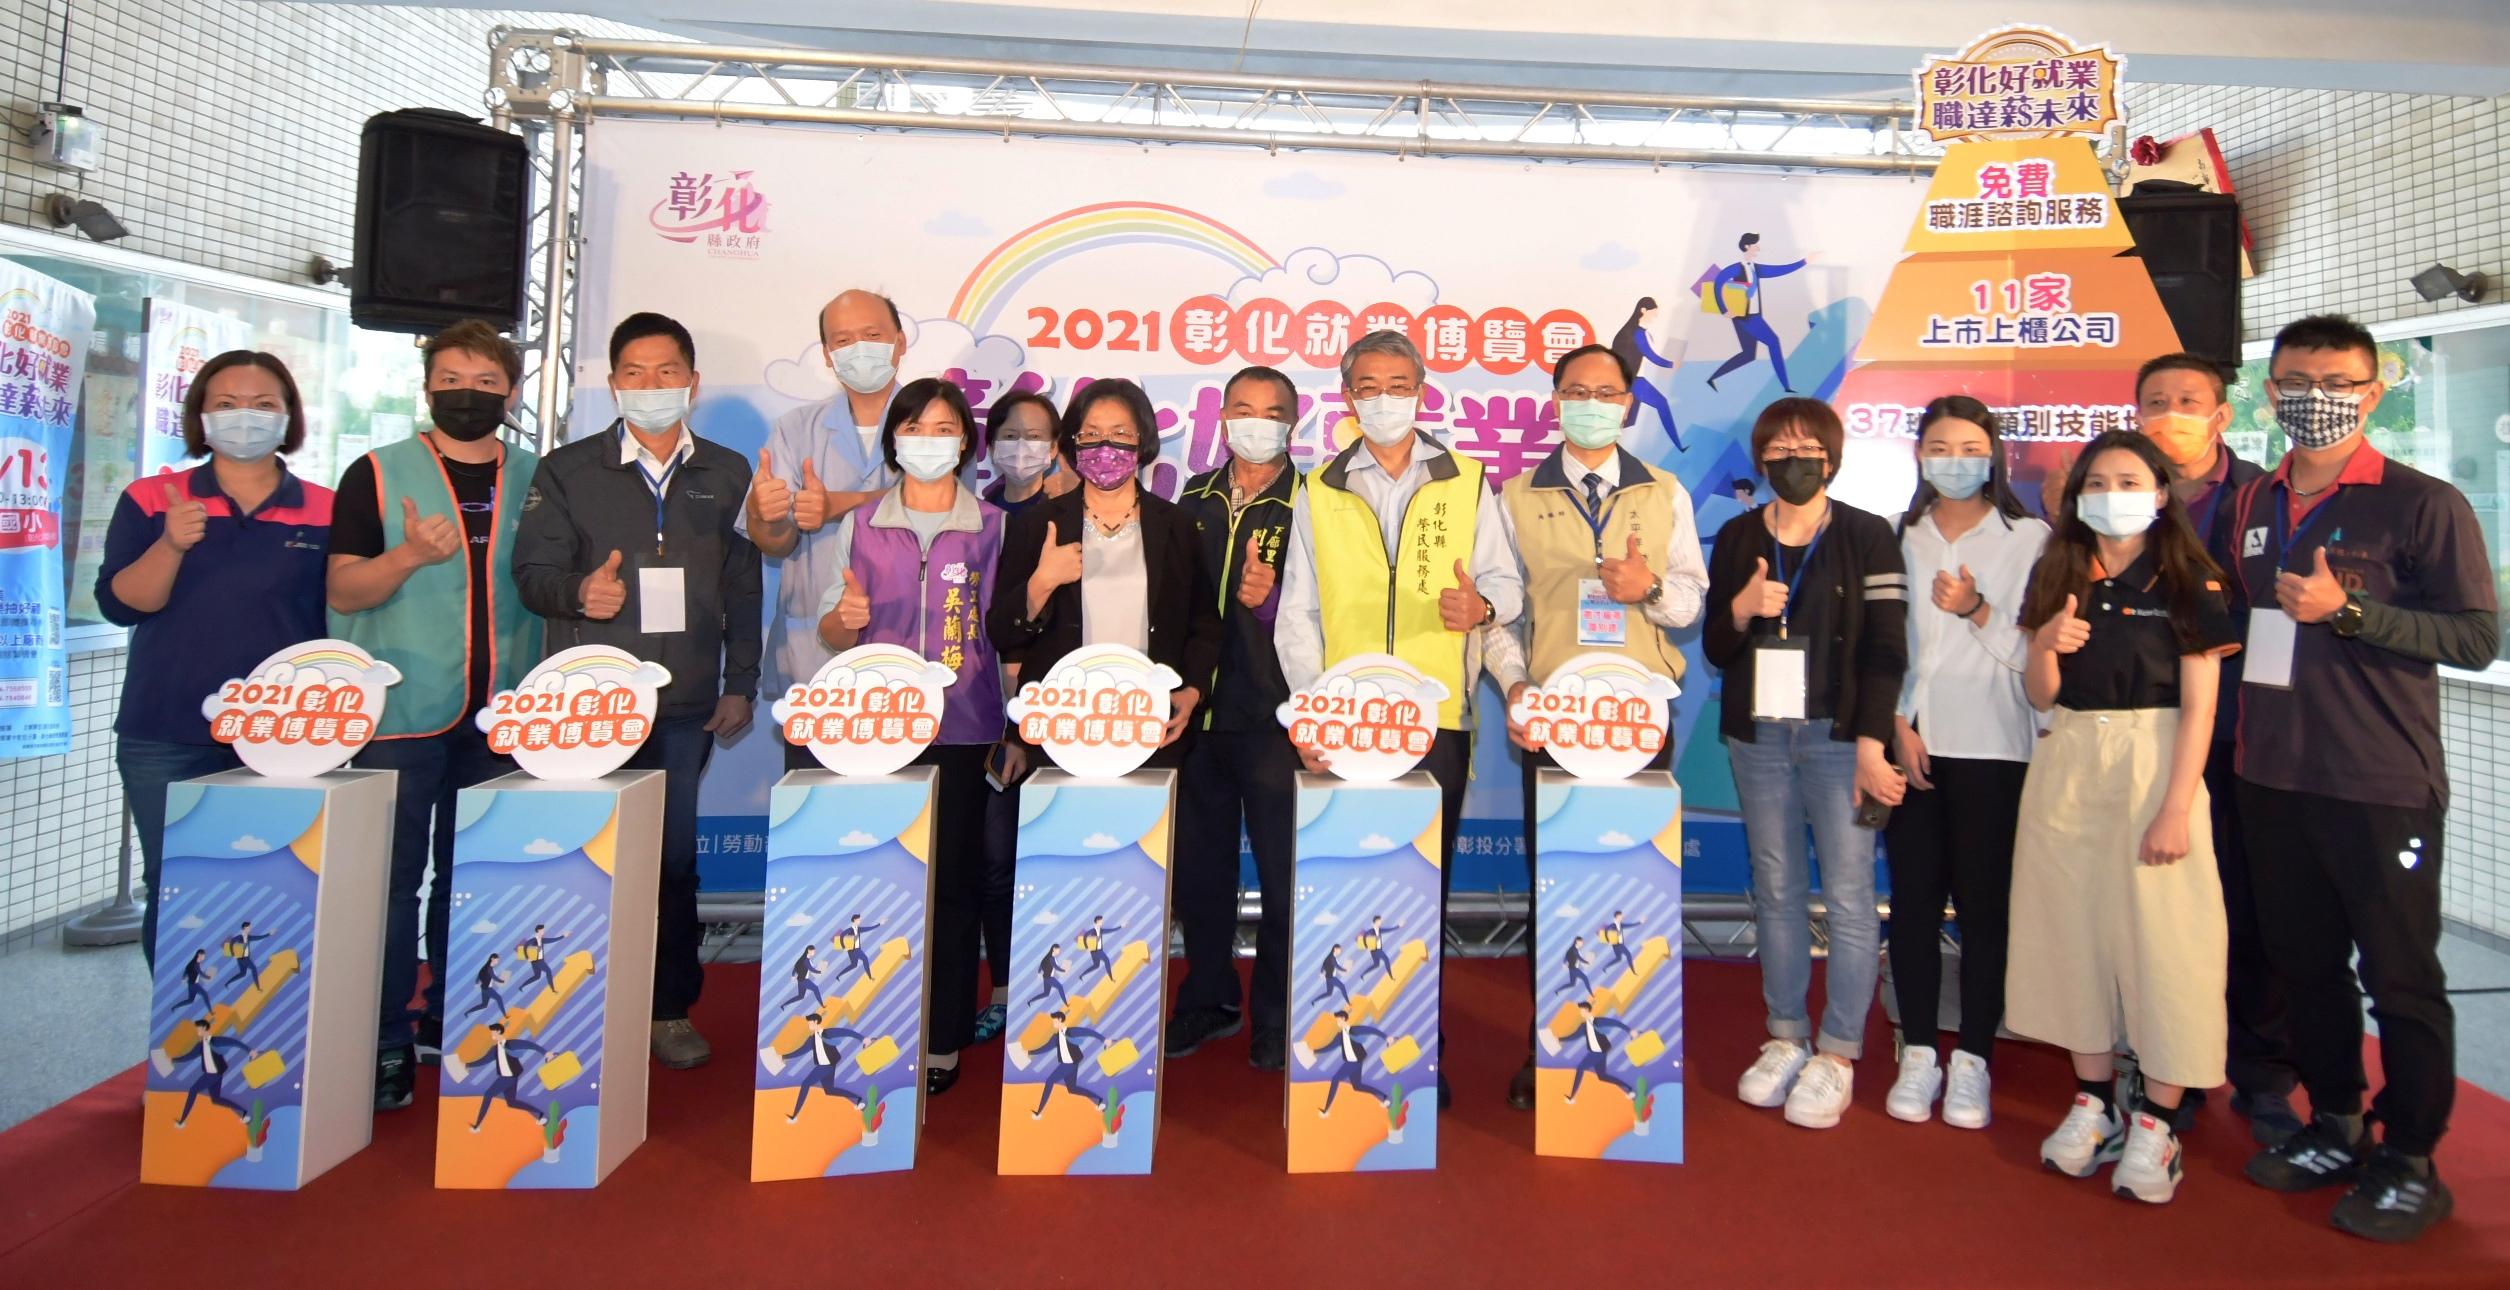 2021「彰化好就業 職達薪未來」 第一場就業博覽會在南郭國小登場